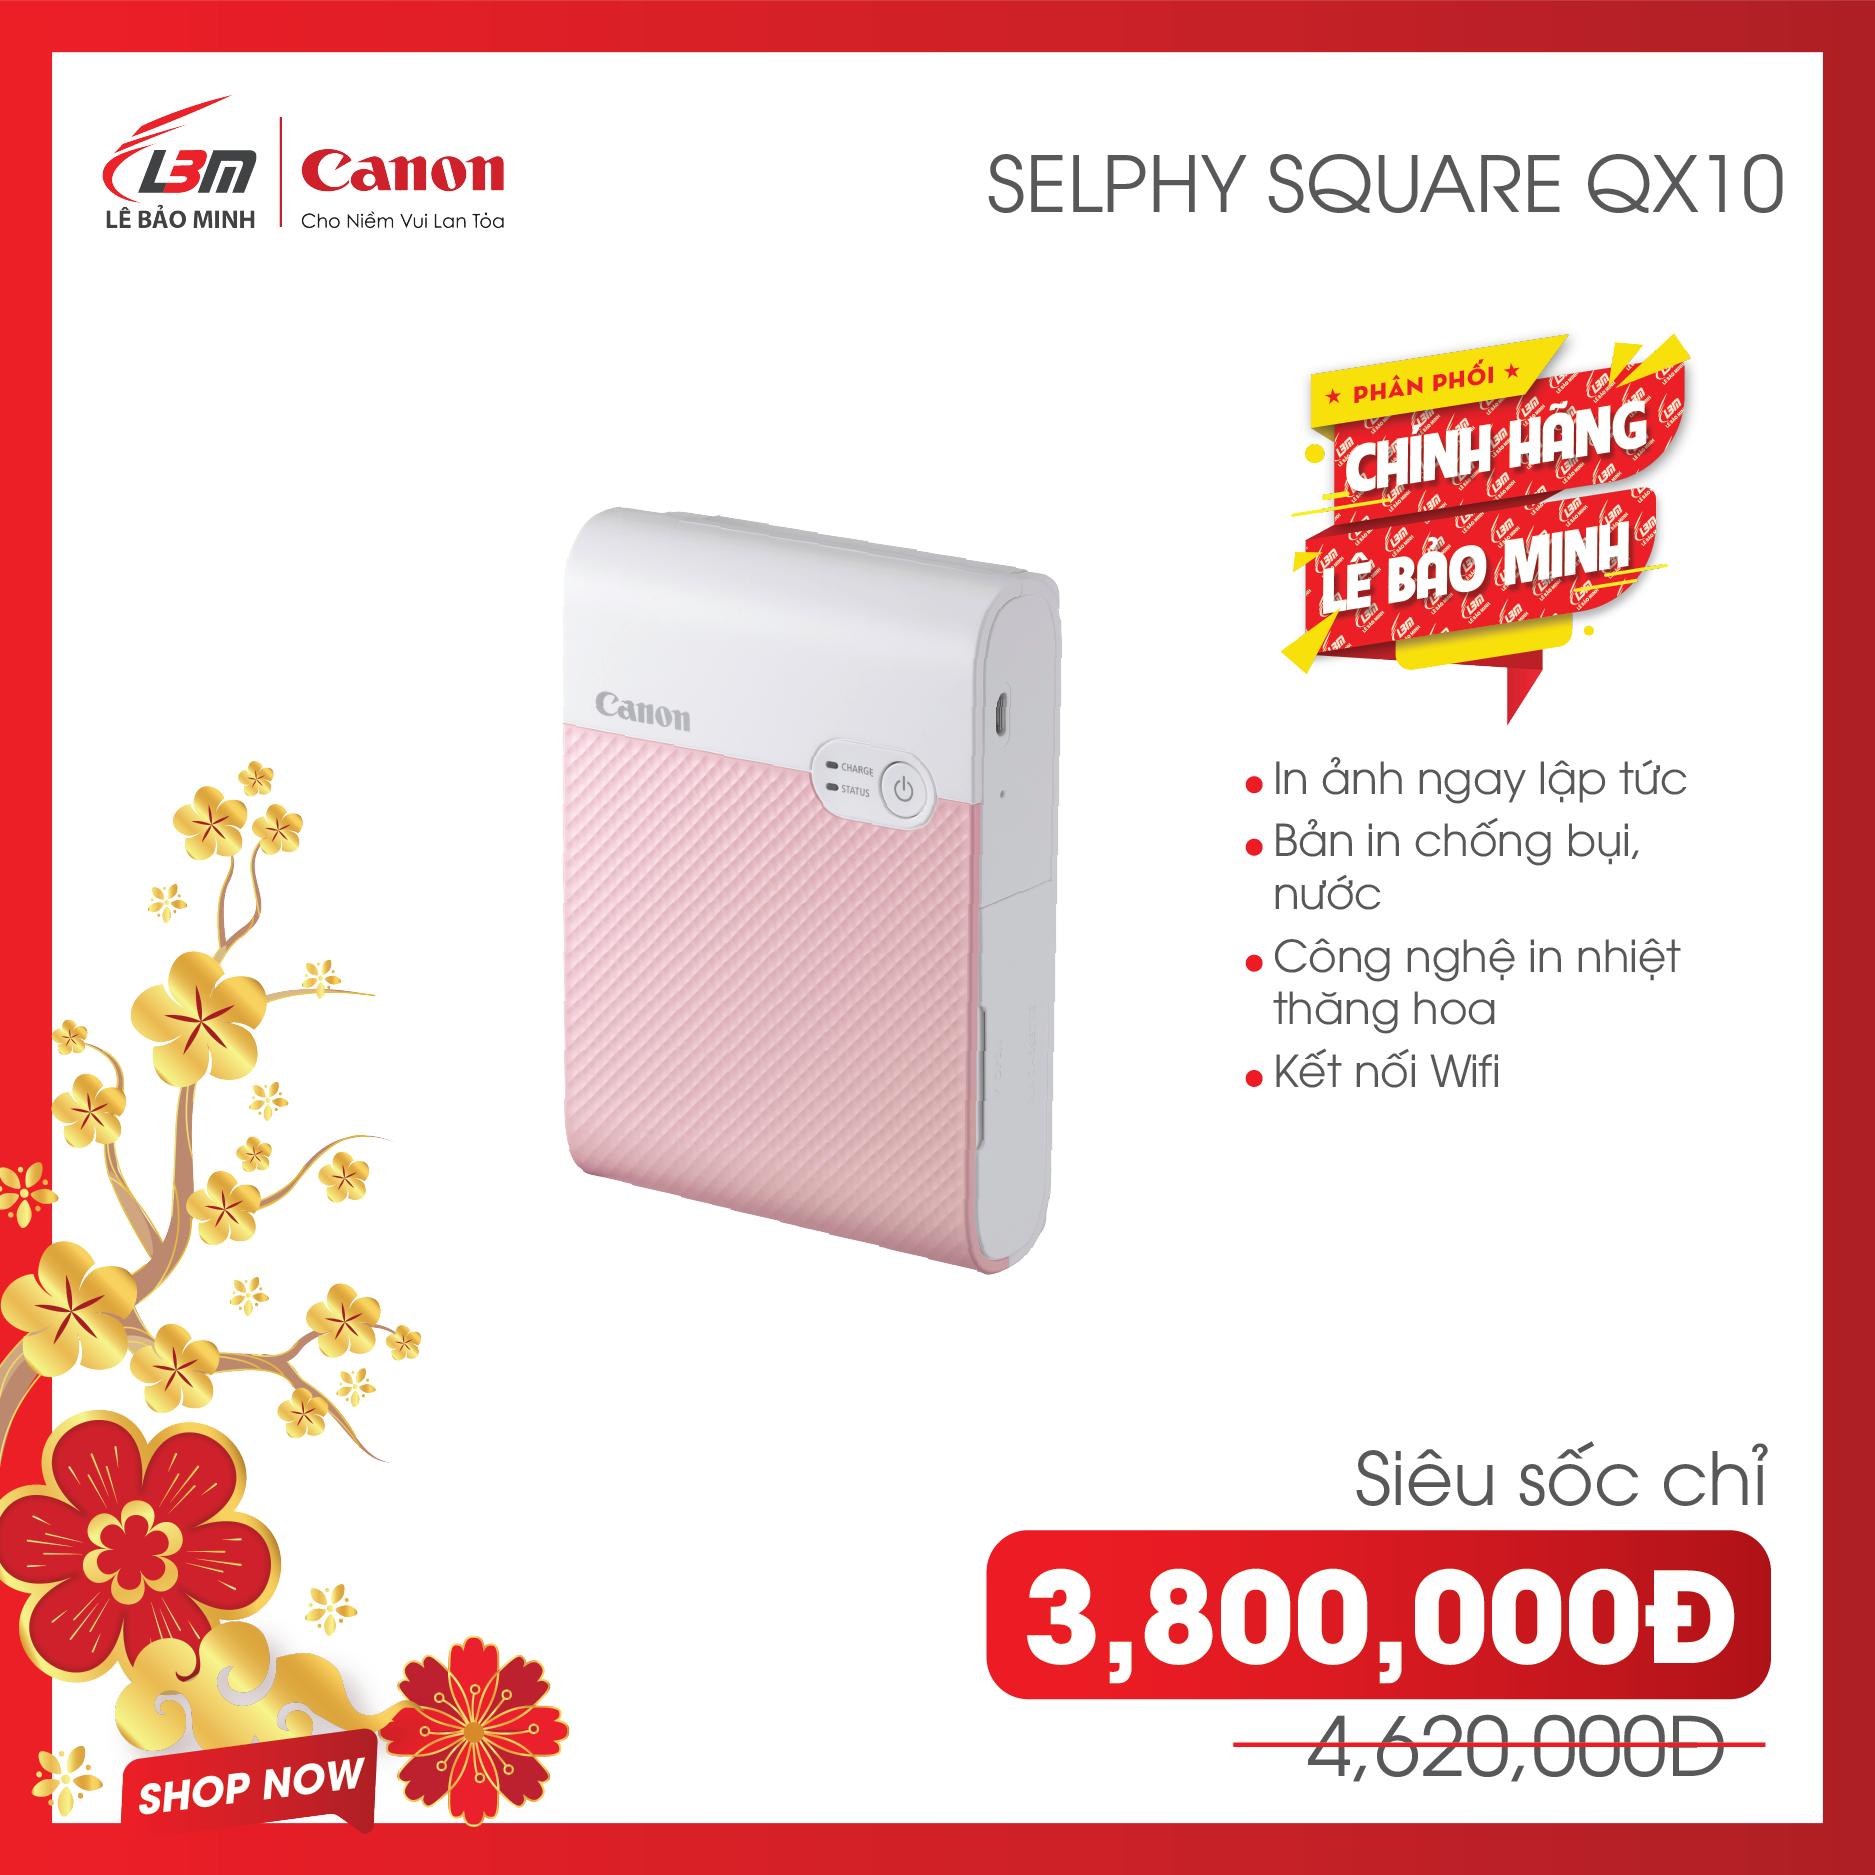 [Trả góp 0%] [ Voucher 990k ] Máy in ảnh Canon SELPHY SQUARE QX10